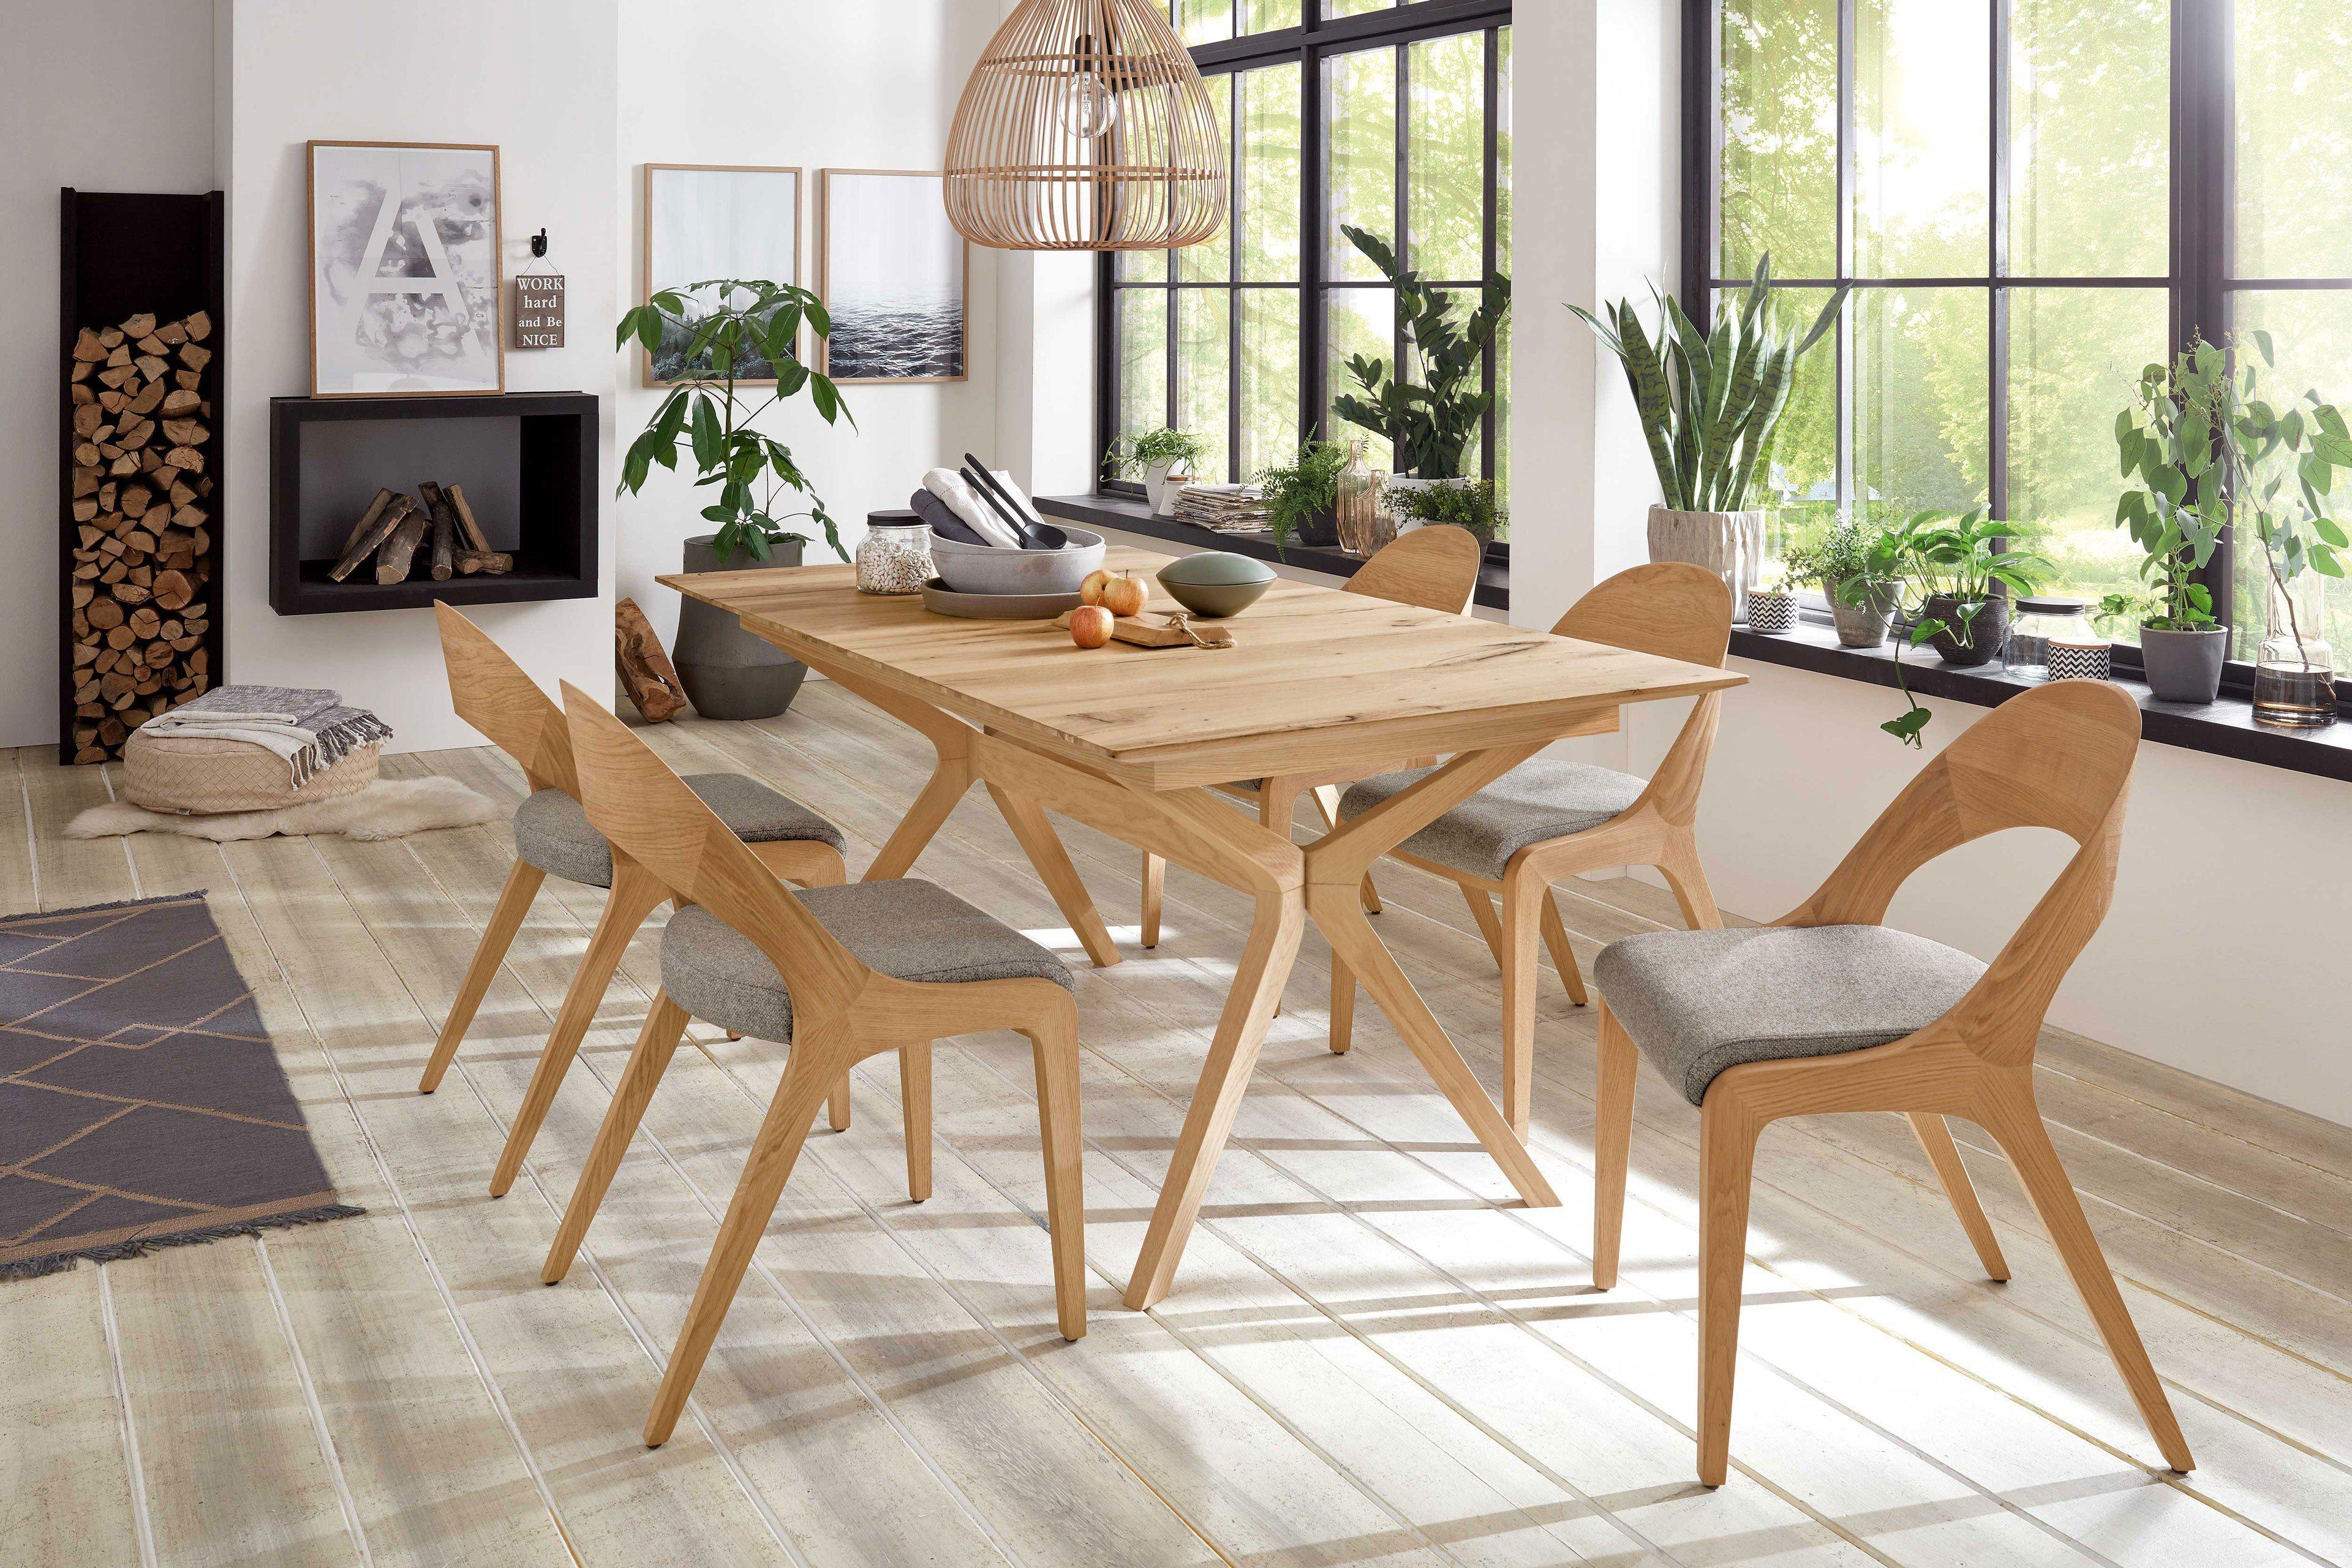 Wöstmann Fluid S Kultur Essgruppe Mit Tisch 6 Stühlen Möbel Letz